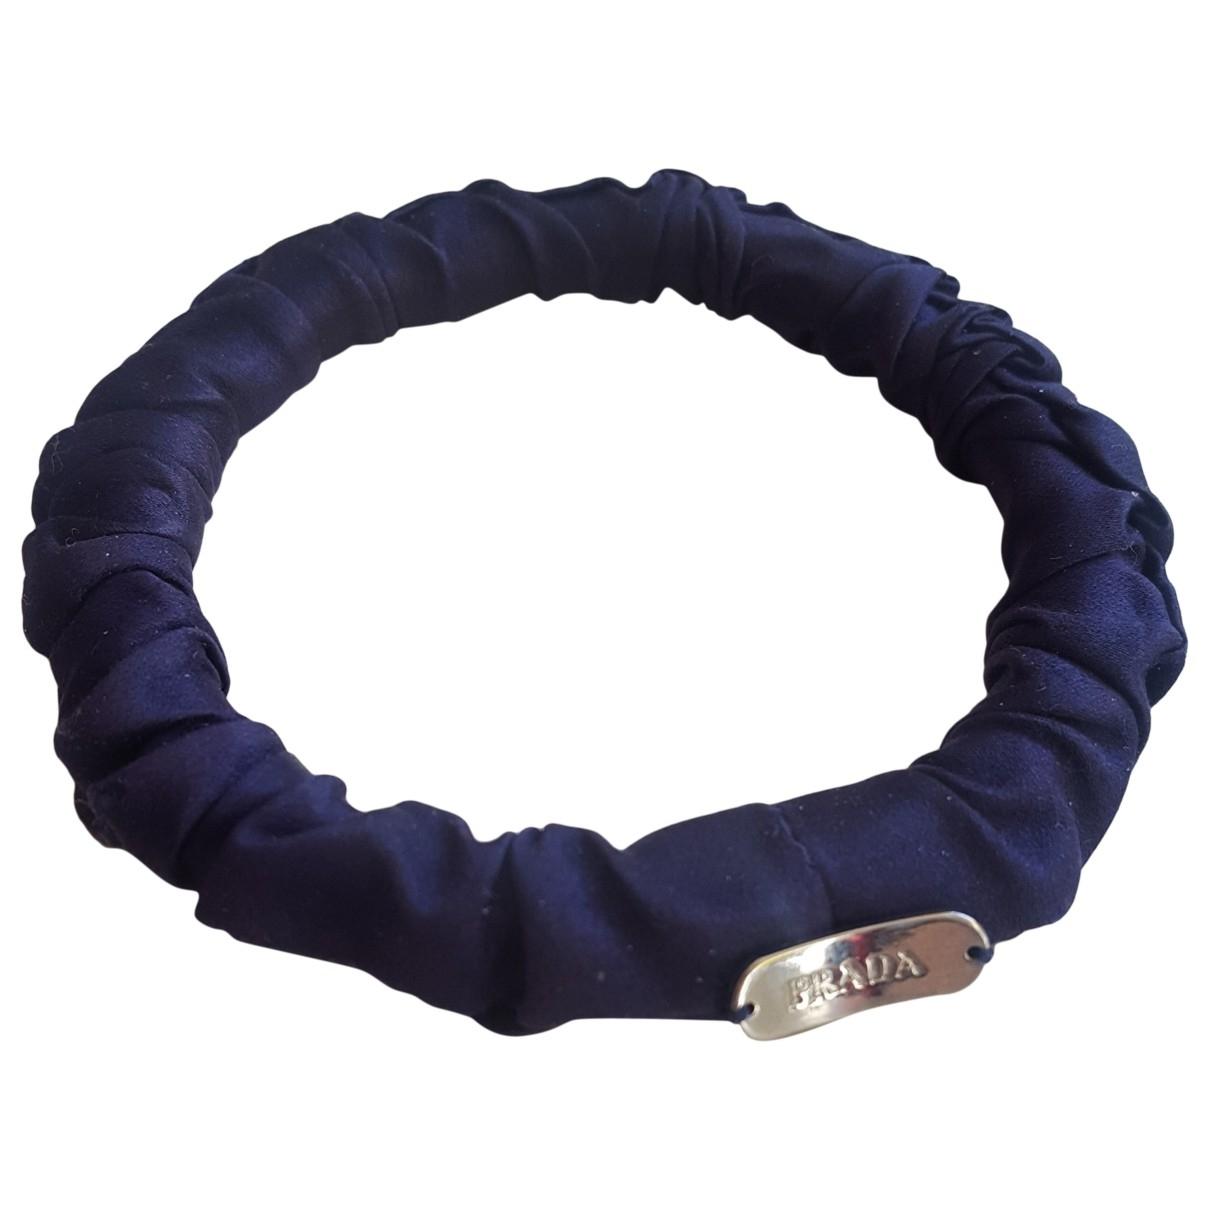 Prada - Bracelet   pour femme en soie - marine